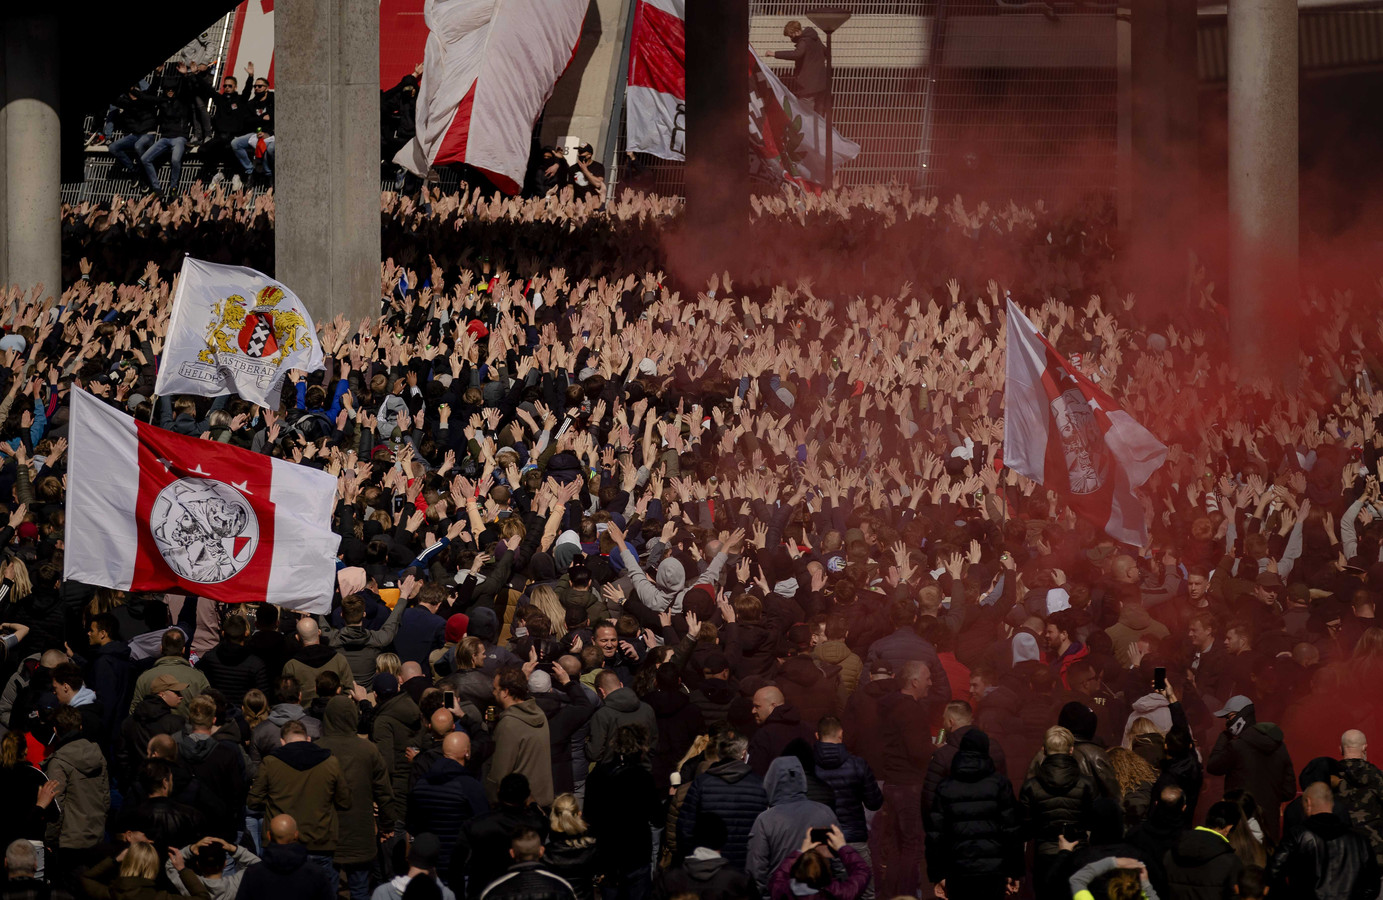 De club won twee weken eerder al de KNVB-beker.